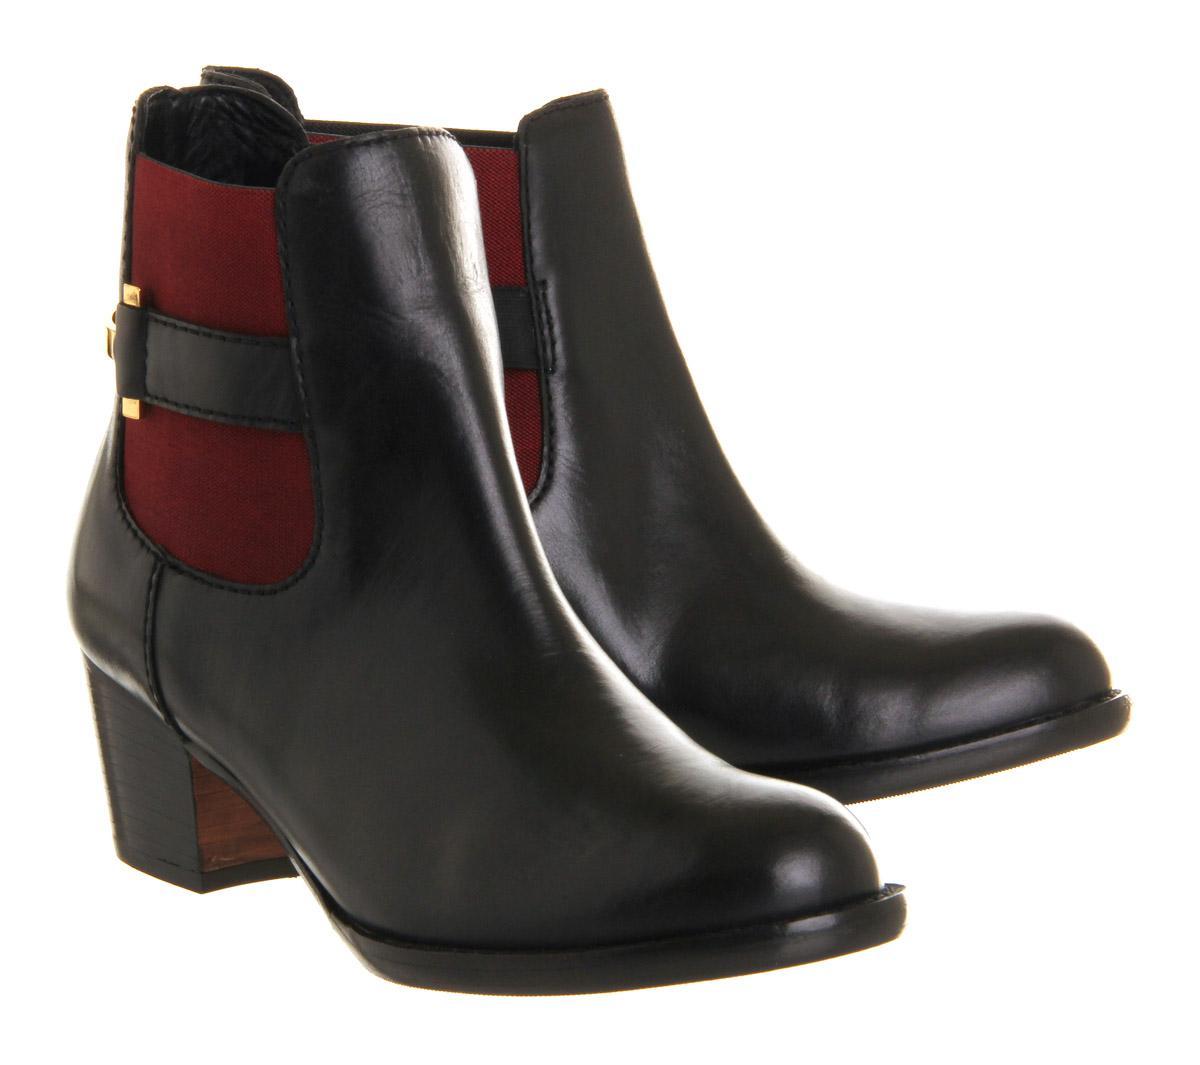 Ted Baker Jureo Boots in Black